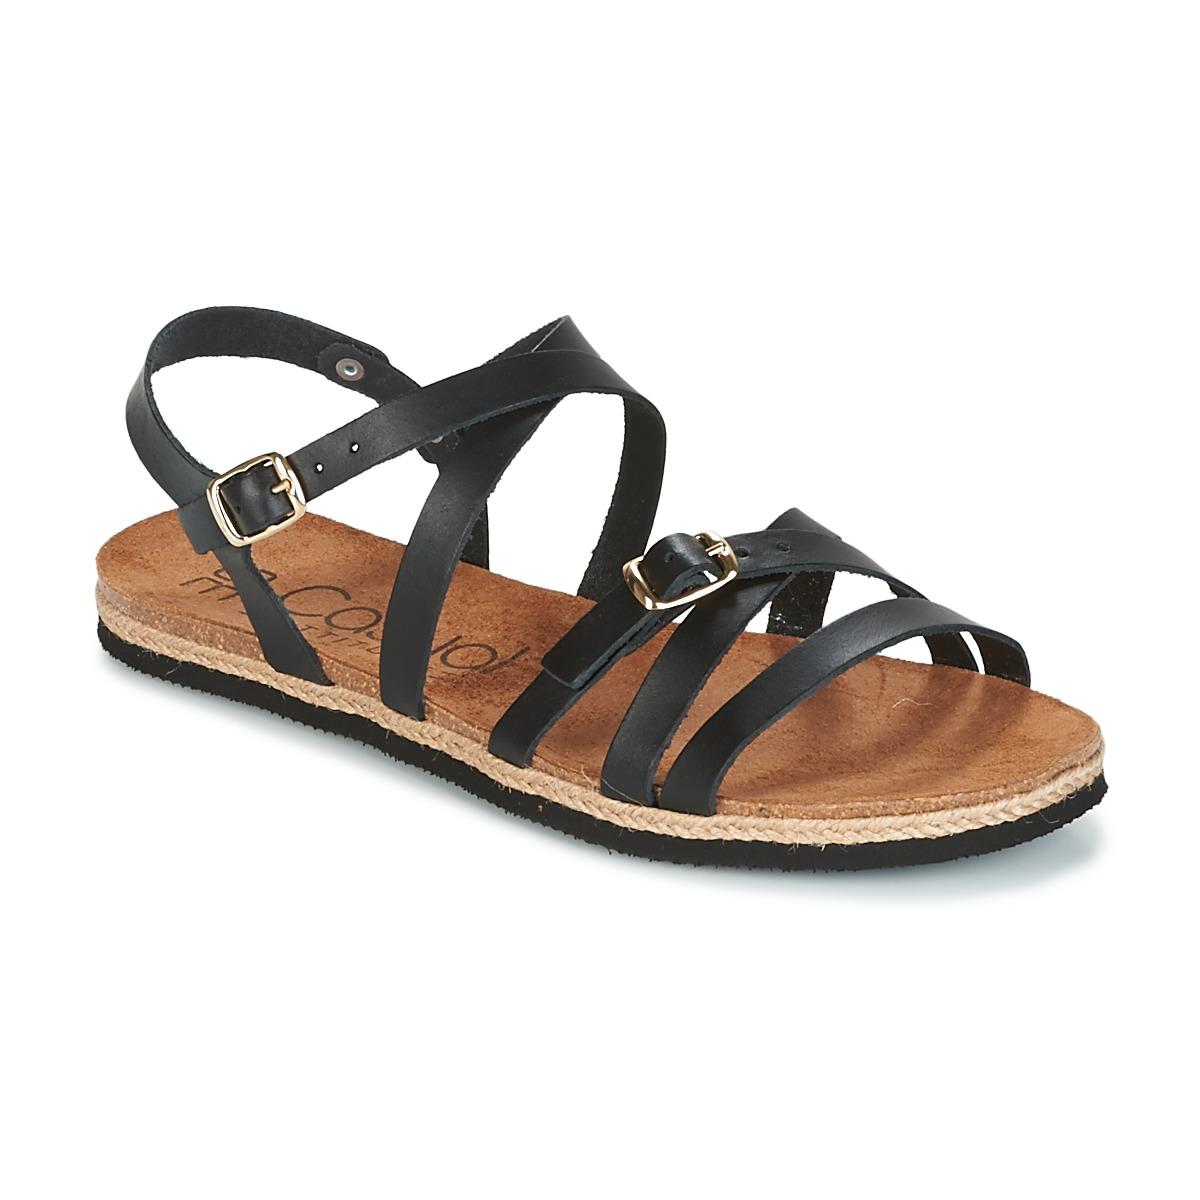 Casual Attitude ILMEM Schwarz - Kostenloser Versand bei Spartoode ! - Schuhe Sandalen / Sandaletten Damen 31,99 €